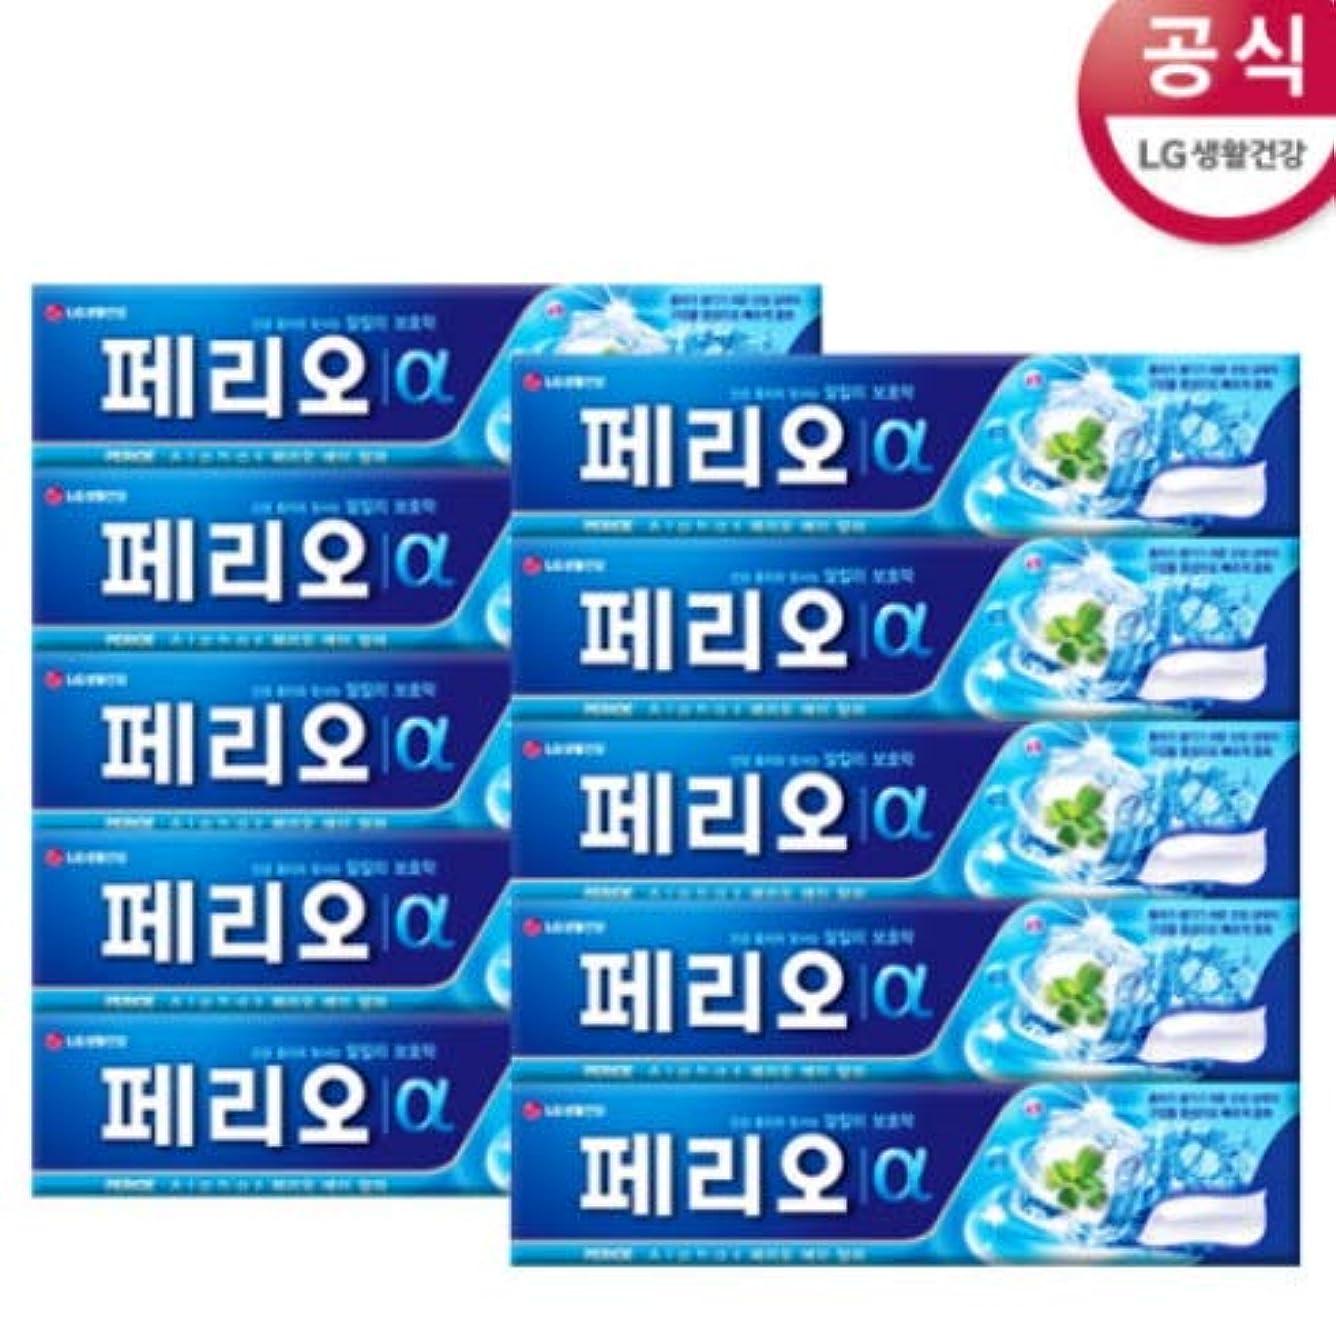 シガレット悲観的ゲージ[LG HnB] Perio Alpha Toothpaste/ペリオアルファ歯磨き粉 170gx10個(海外直送品)